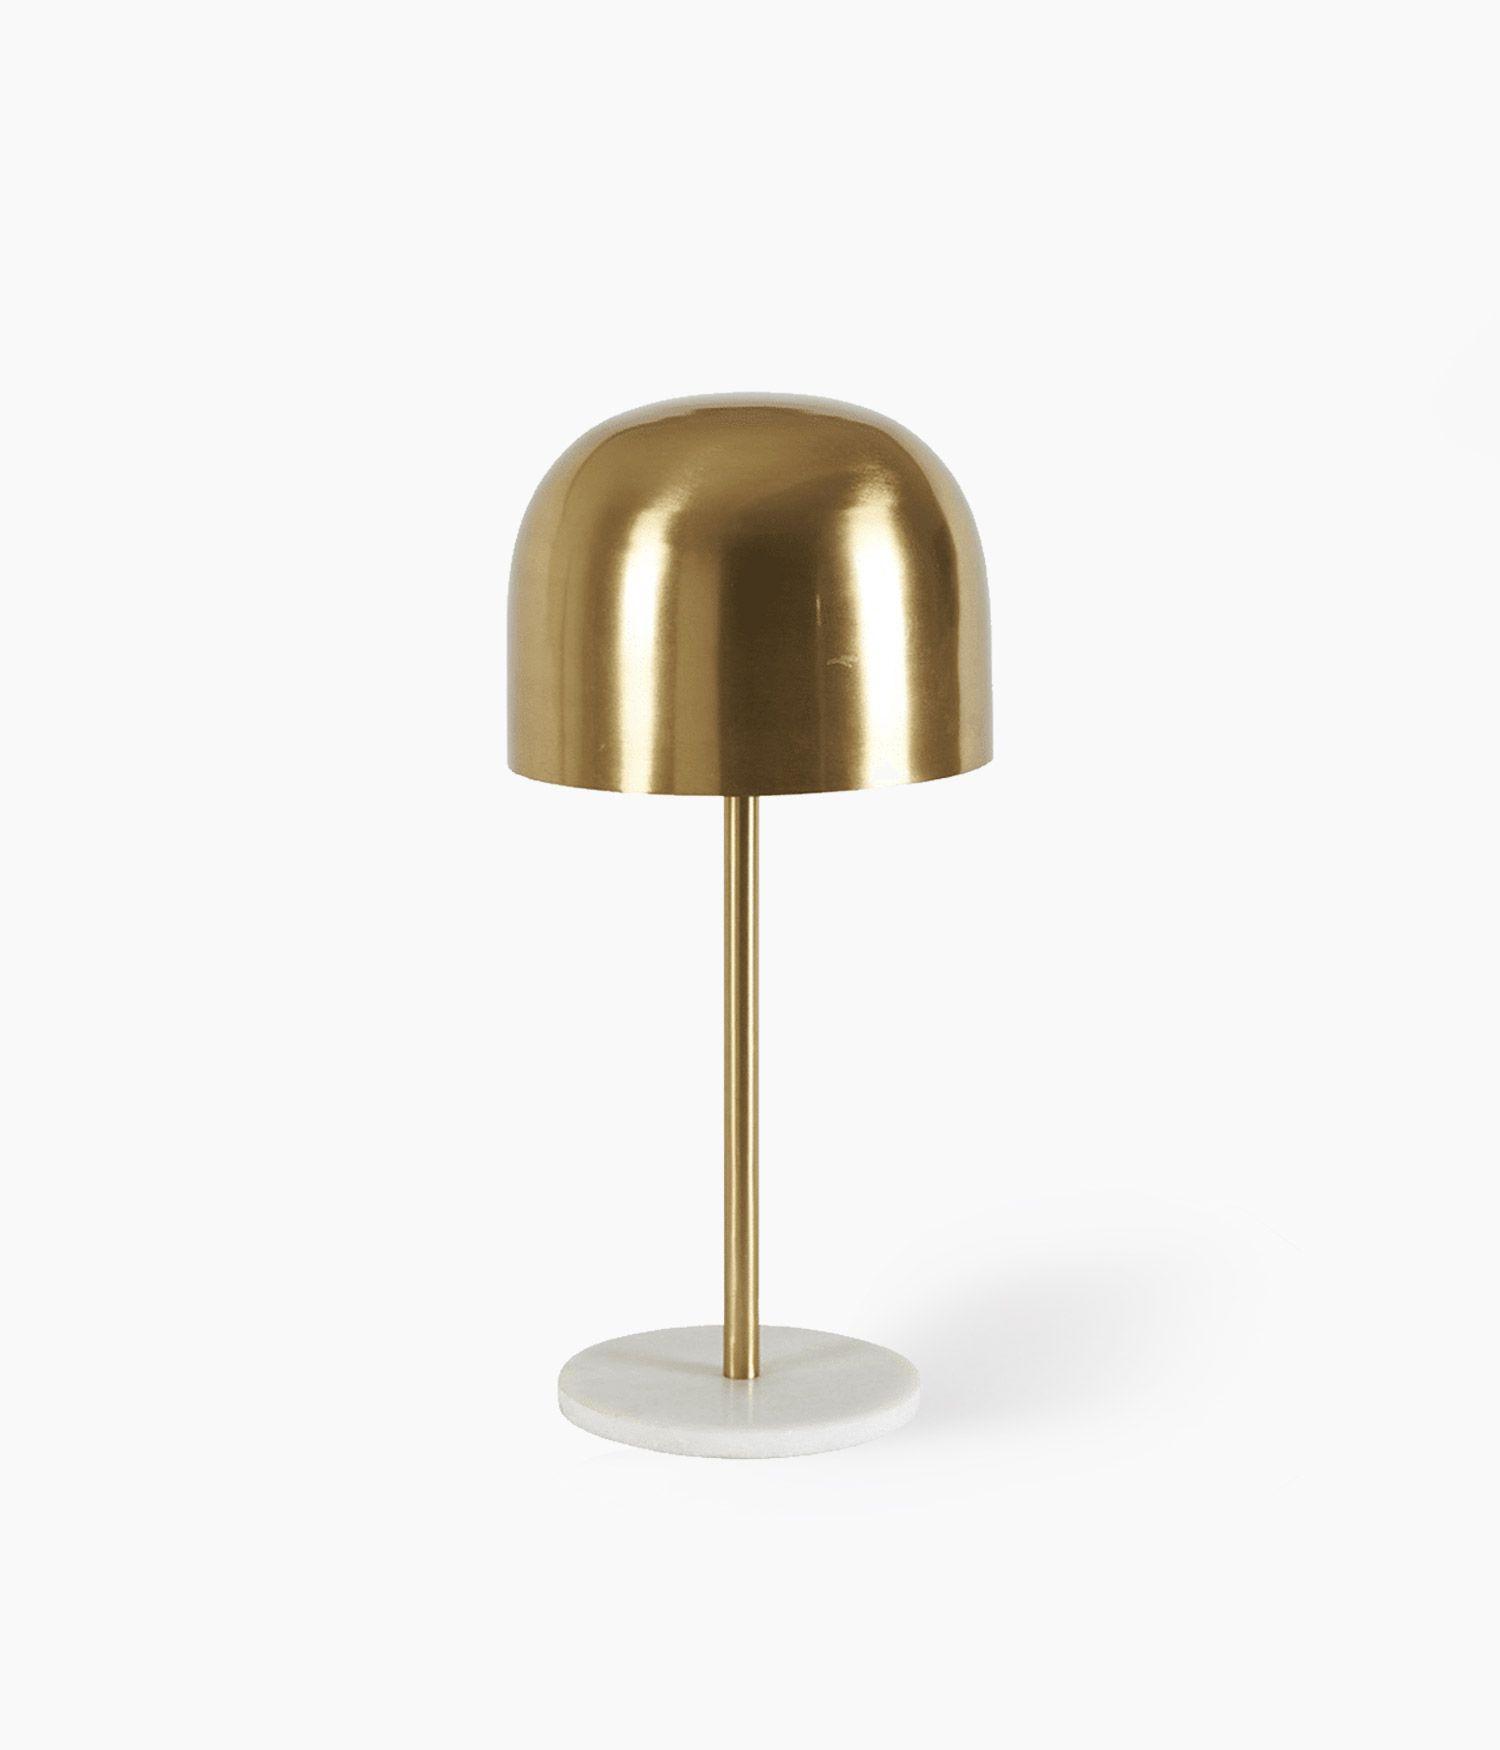 lampe champignon s/pied dorée 21*21*46cm